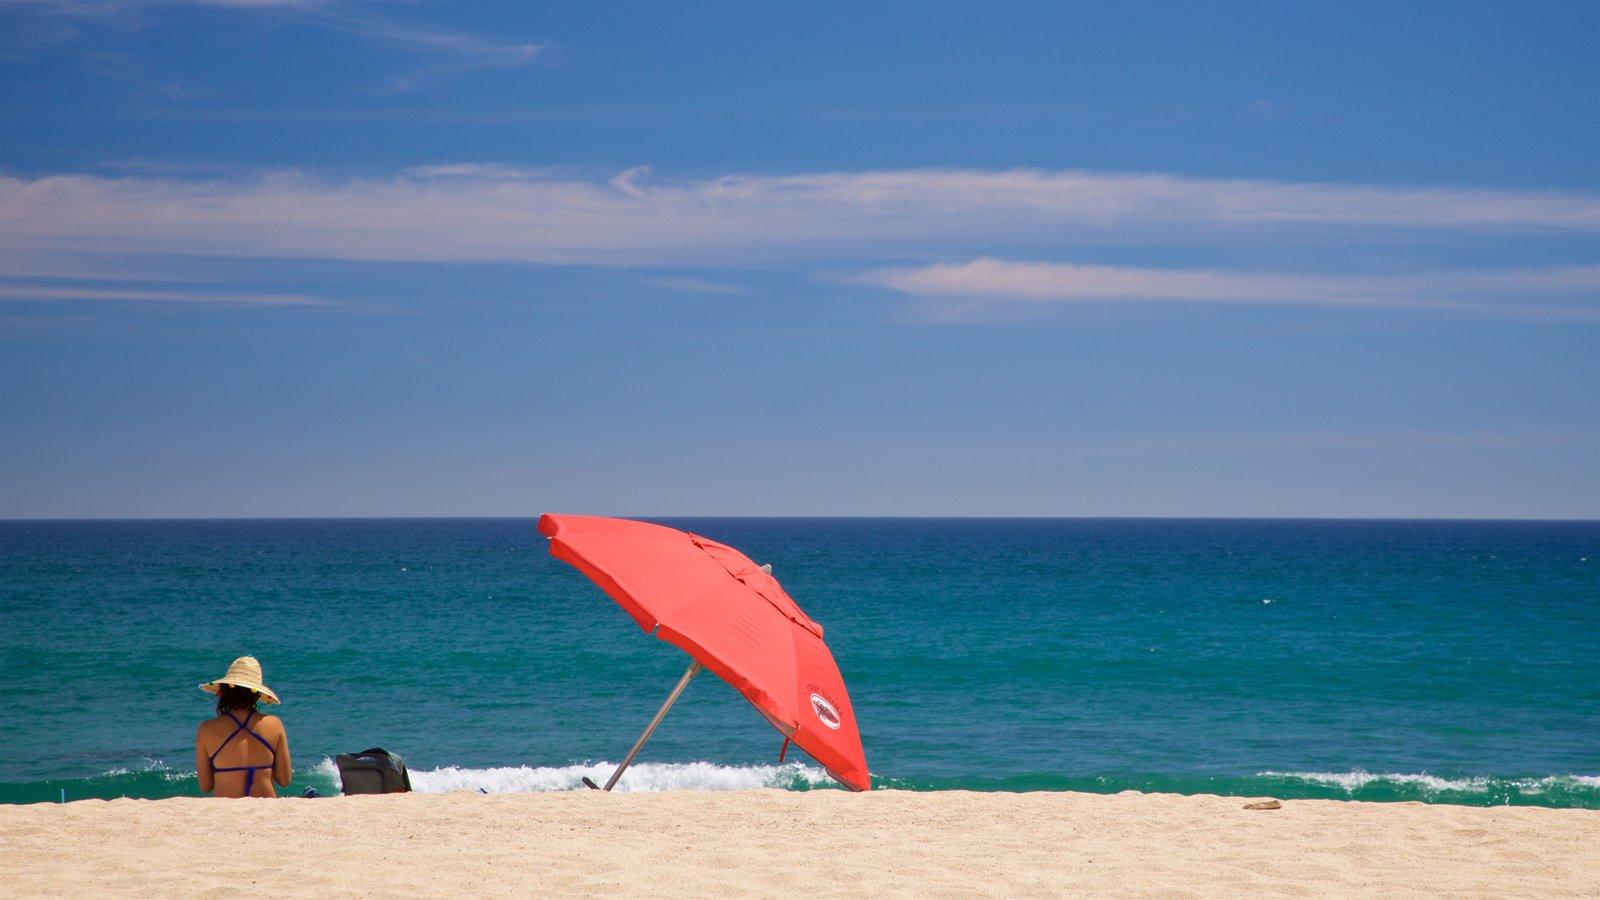 Costa Azul Beach showing a beach and general coastal views as well as an individual femail